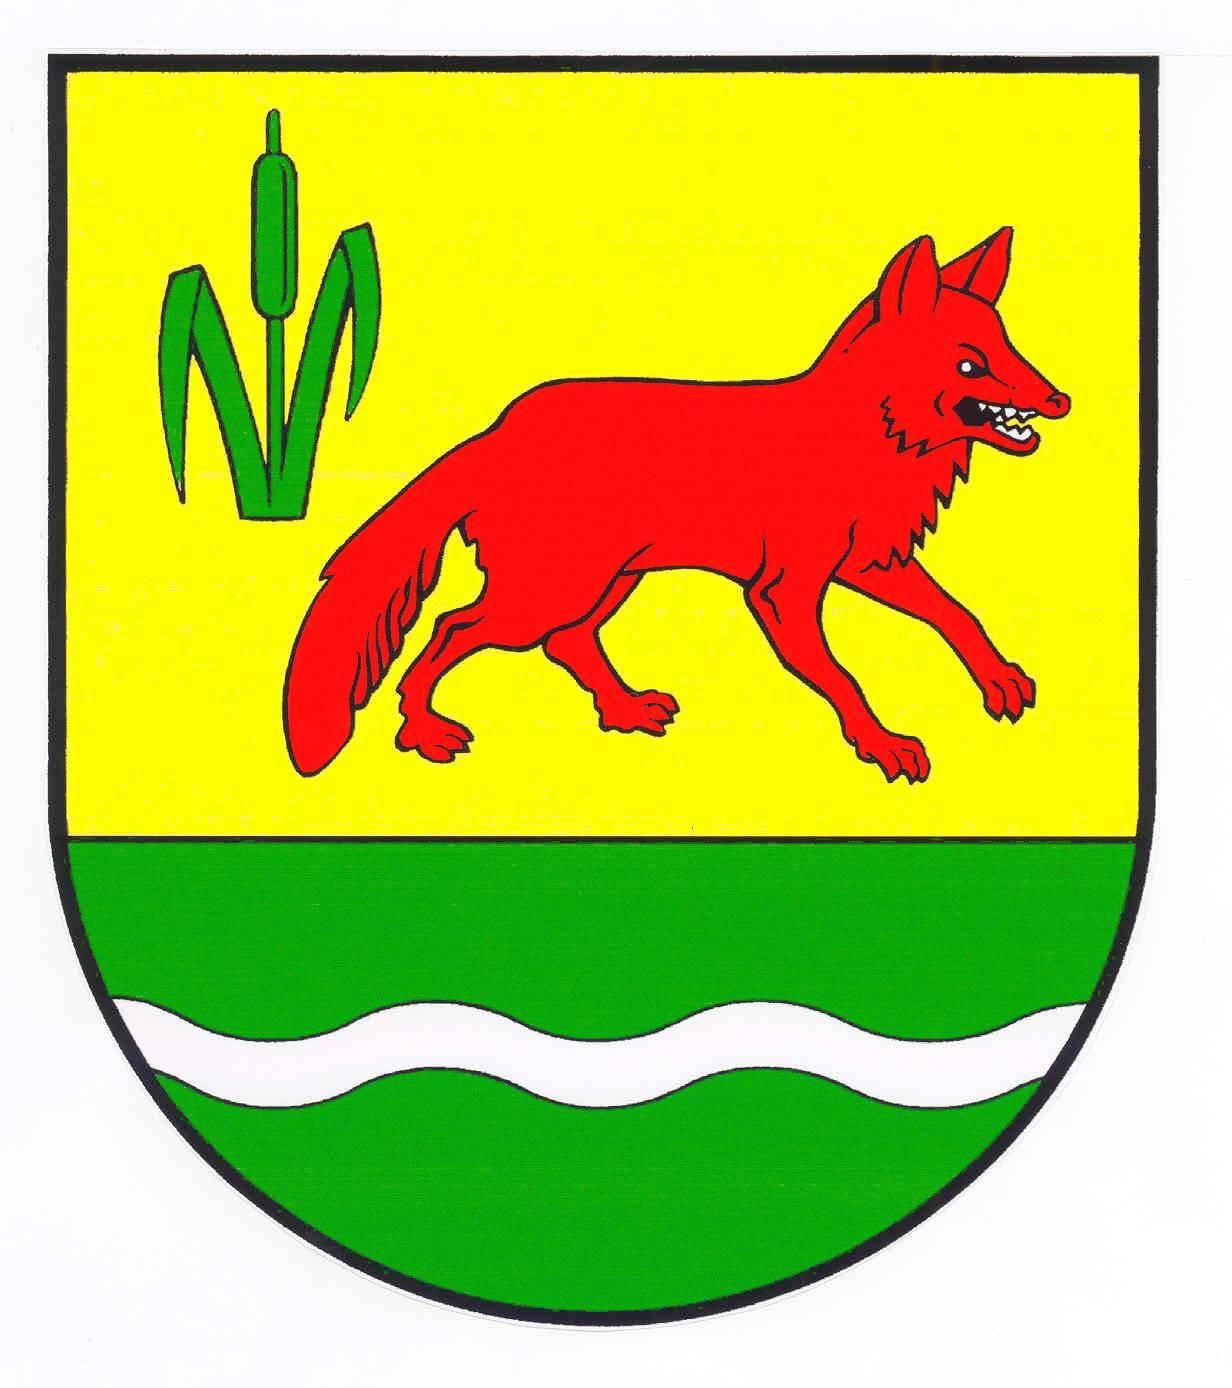 Wappen GemeindeTetenhusen, Kreis Schleswig-Flensburg